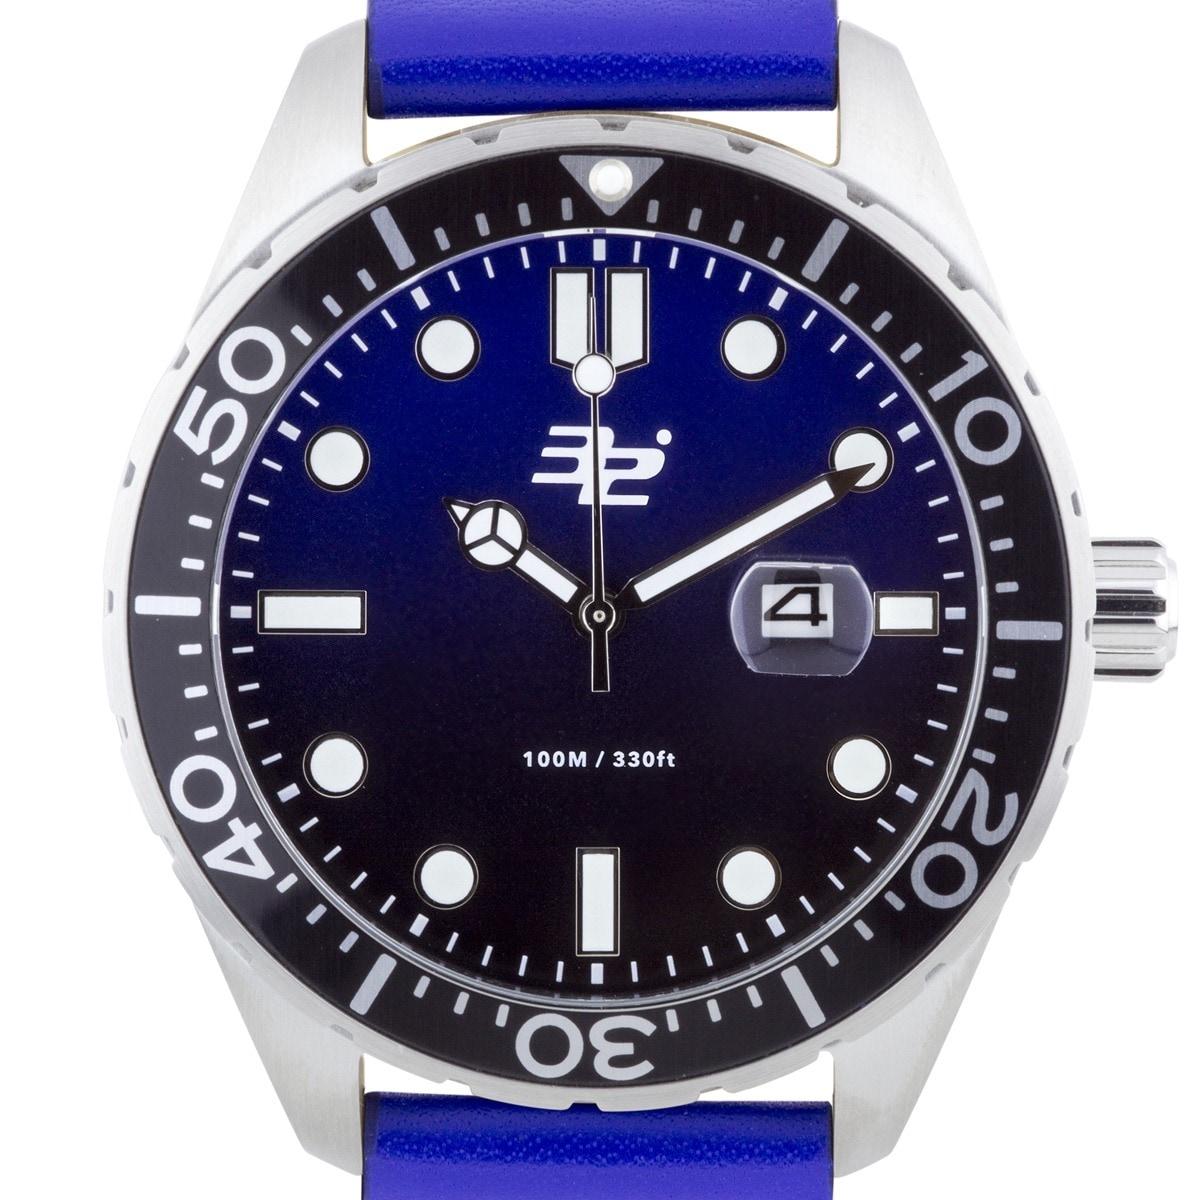 32 Degrees Aquada Men's Diver Watch (Silver-Tone), Blue, ...